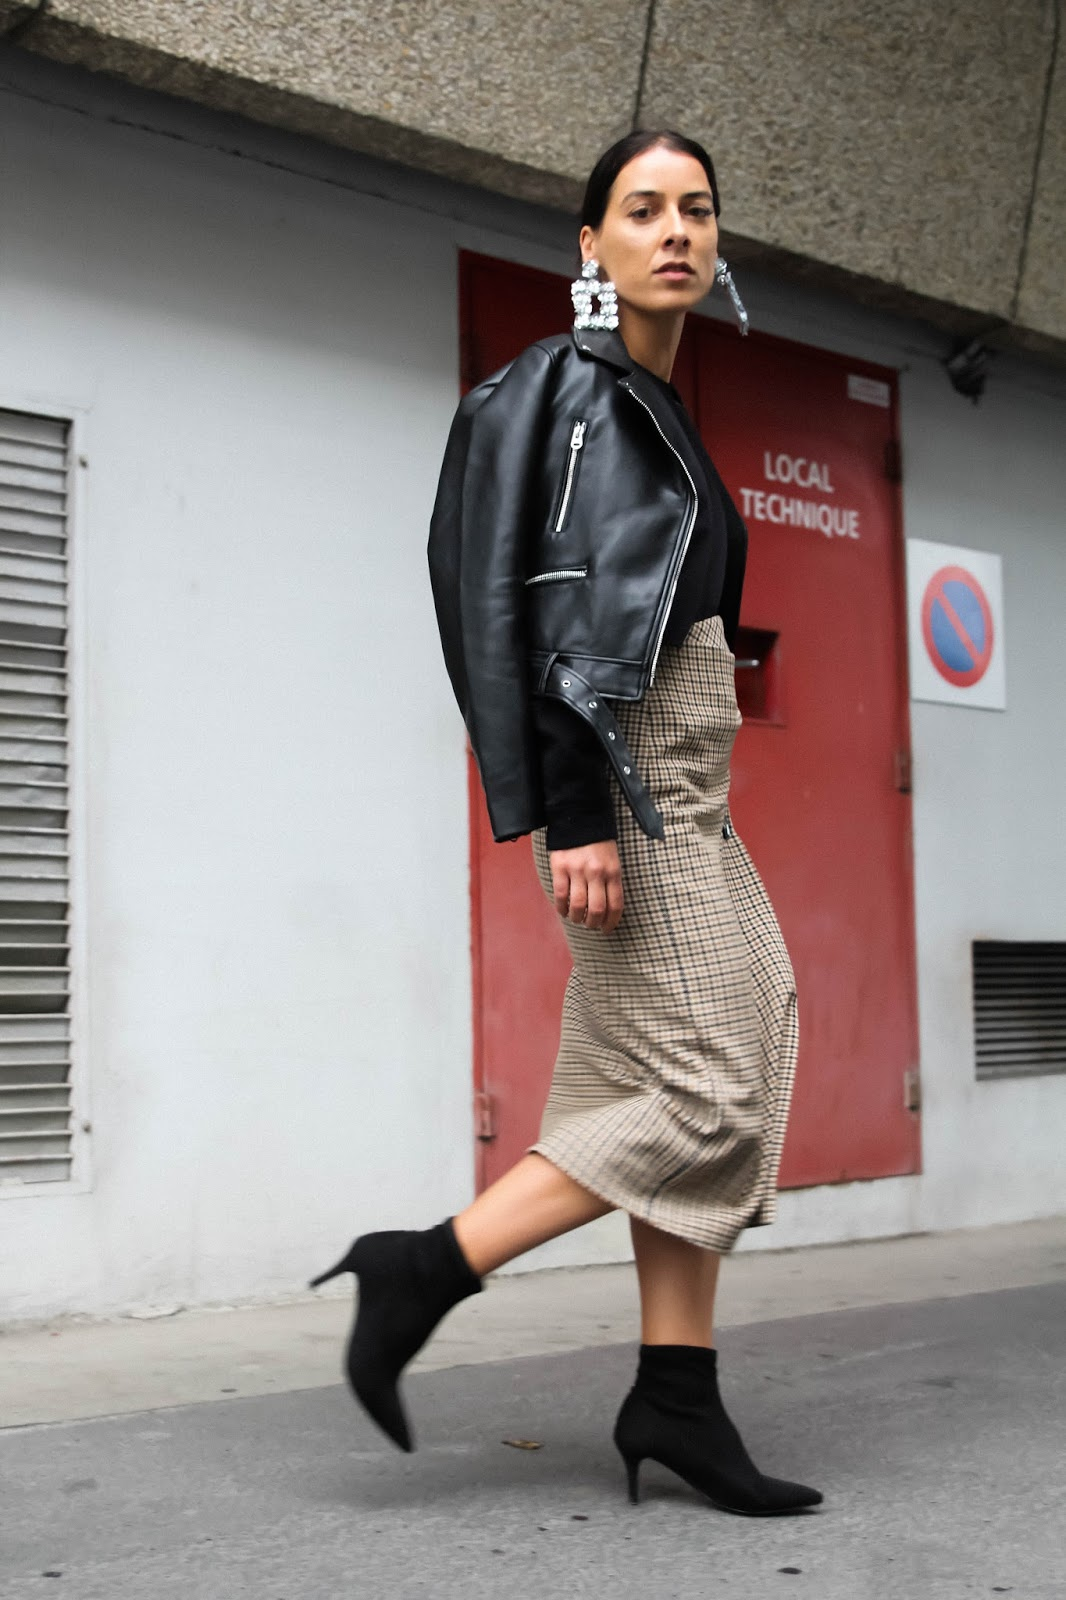 Tendance-carreaux-et-bottines-chaussettes